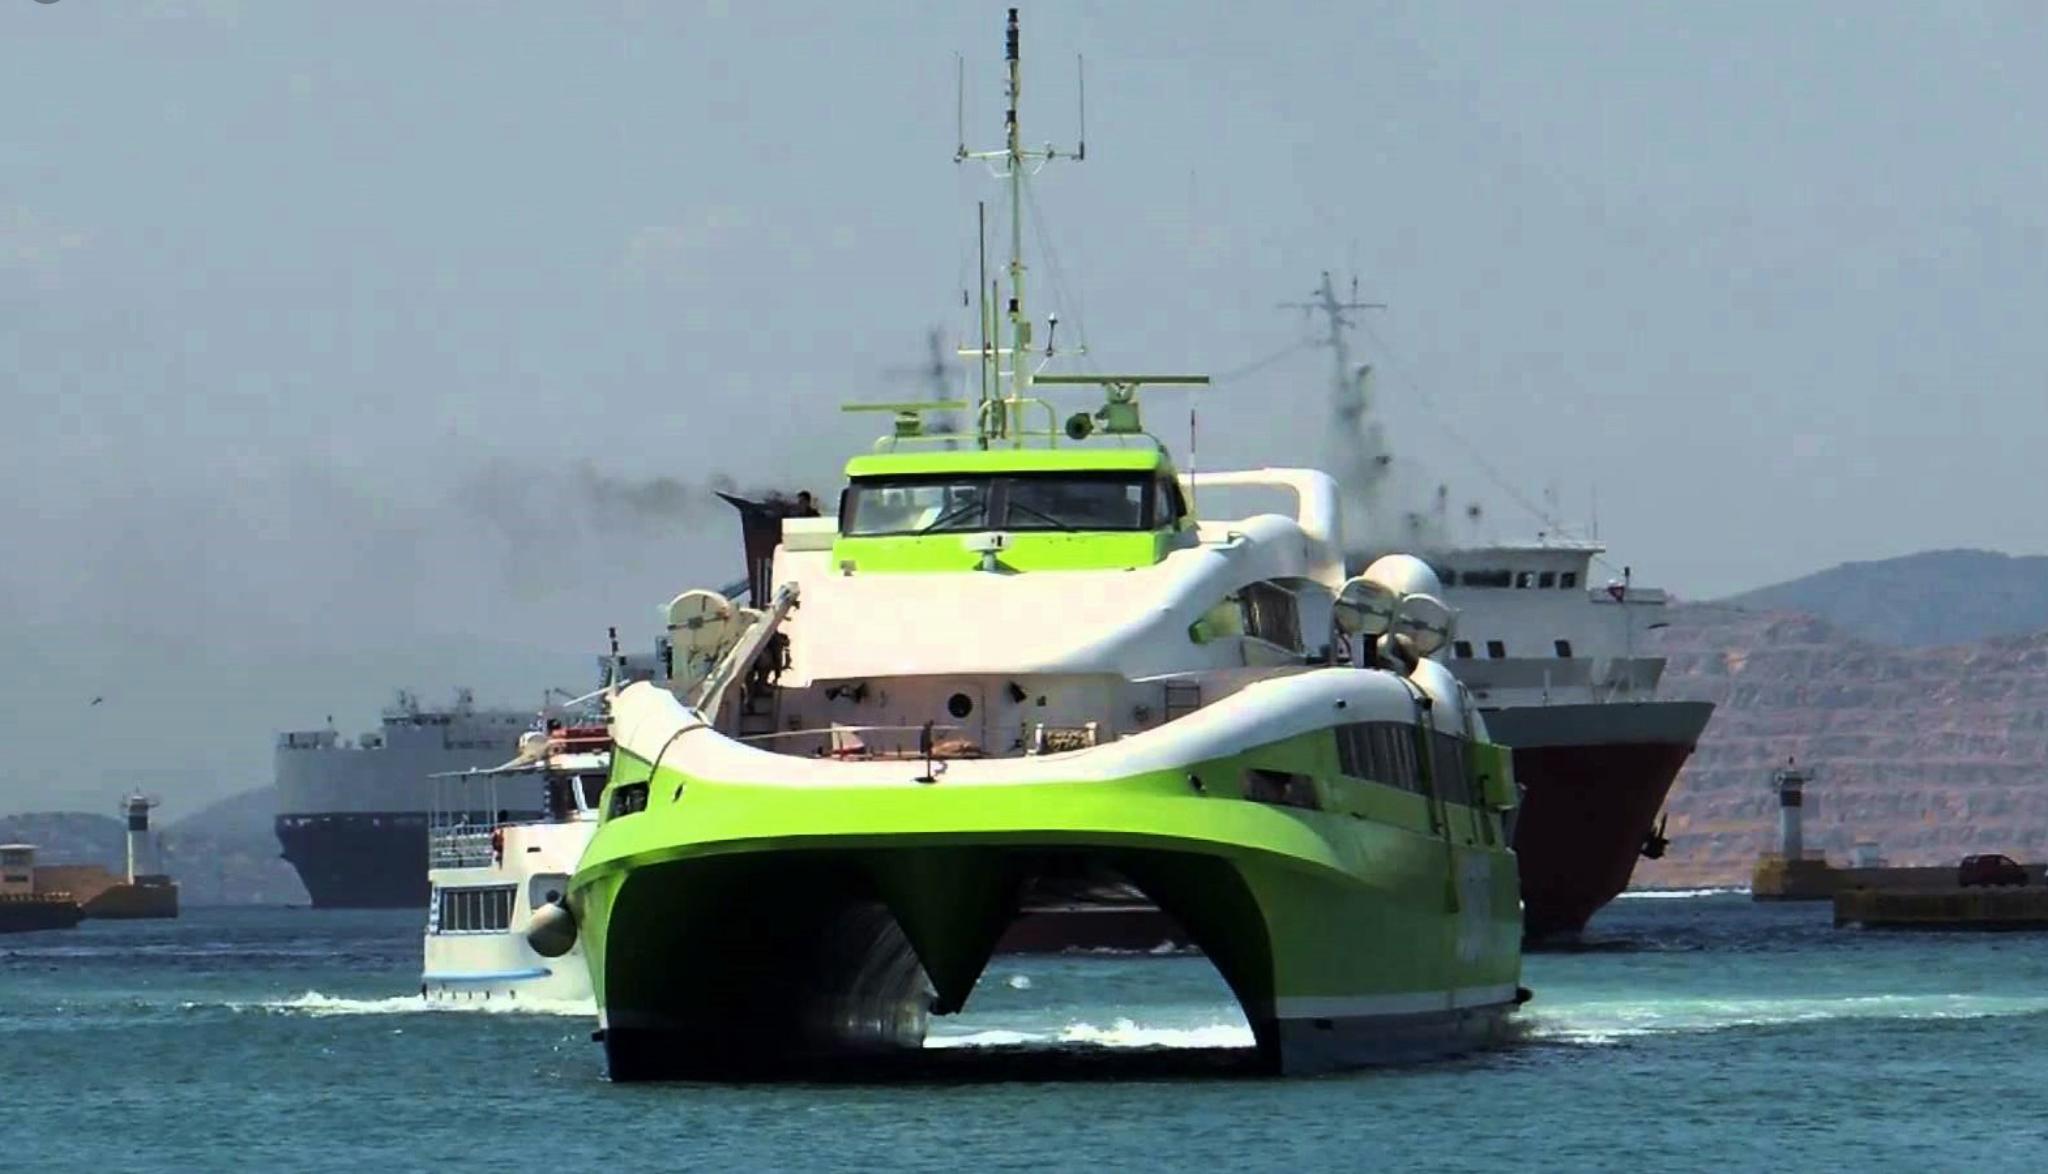 Πραγματοποιήθηκε σήμερα η πρώτη πληρωμή του Αντισταθμίσματος Νησιωτικού Κόστους (ΑΝΗΚΟ) για τα ταξίδια των νησιωτών επιβατών κατά το διάστημα 10-26 Ιουλίου, στο πλαίσιο της εφαρμογής του μέτρου του Μεταφορικού Ισοδύναμου. Ο μέσος όρος καταβολής, ανά ταξίδι, είναι 22 ευρώ για κάθε δικαιούχο. Τα εισιτήρια από 26 έως 31 Ιουλίου θα πληρωθούν στην επόμενη καταβολή του ΑΝΗΚΟ. Μέχρι στιγμής, τις πρώτες 20 ημέρες λειτουργίας της πλατφόρμας του Μεταφορικού Ισοδύναμου (ΜΙ), έχουν εκδοθεί 14.000 Μοναδικοί Αριθμοί Νησιώτη (ΜΑΝ), ενώ έχουν εγκριθεί, περίπου, 2.500 εισιτήρια κατοίκων 22 νησιών. Ο υφυπουργός Ναυτιλίας και Νησιωτικής Πολιτικής, Νεκτάριος Σαντορινιός, με αφορμή την πρώτη πληρωμή των νησιωτών από το μέτρο, δήλωσε: «Ουσιαστικά είναι η πρώτη μέρα που οι νησιώτες αντιλαμβάνονται τα οφέλη του ΜΙ στη ζωή τους. Επίσης, αντιλαμβάνονται ότι η εφαρμογή του μέτρου έχει δομηθεί έτσι ώστε να έχει ελάχιστη γραφειοκρατία, αφού μετά την επίδειξη του ΜΑΝ στο πρακτορείο δεν χρειάζεται να κάνει τίποτα παραπάνω για να πιστωθούν τα χρήματα στον λογαριασμό του. Το Μεταφορικό Ισοδύναμο λειτουργεί, εφαρμόζοντας έτσι ρεαλιστικές νησιωτικές πολιτικές για πρώτη φορά και διαψεύδοντας τις Κασσάνδρες που προεξοφλούσαν την αποτυχία και τη γραφειοκρατία».